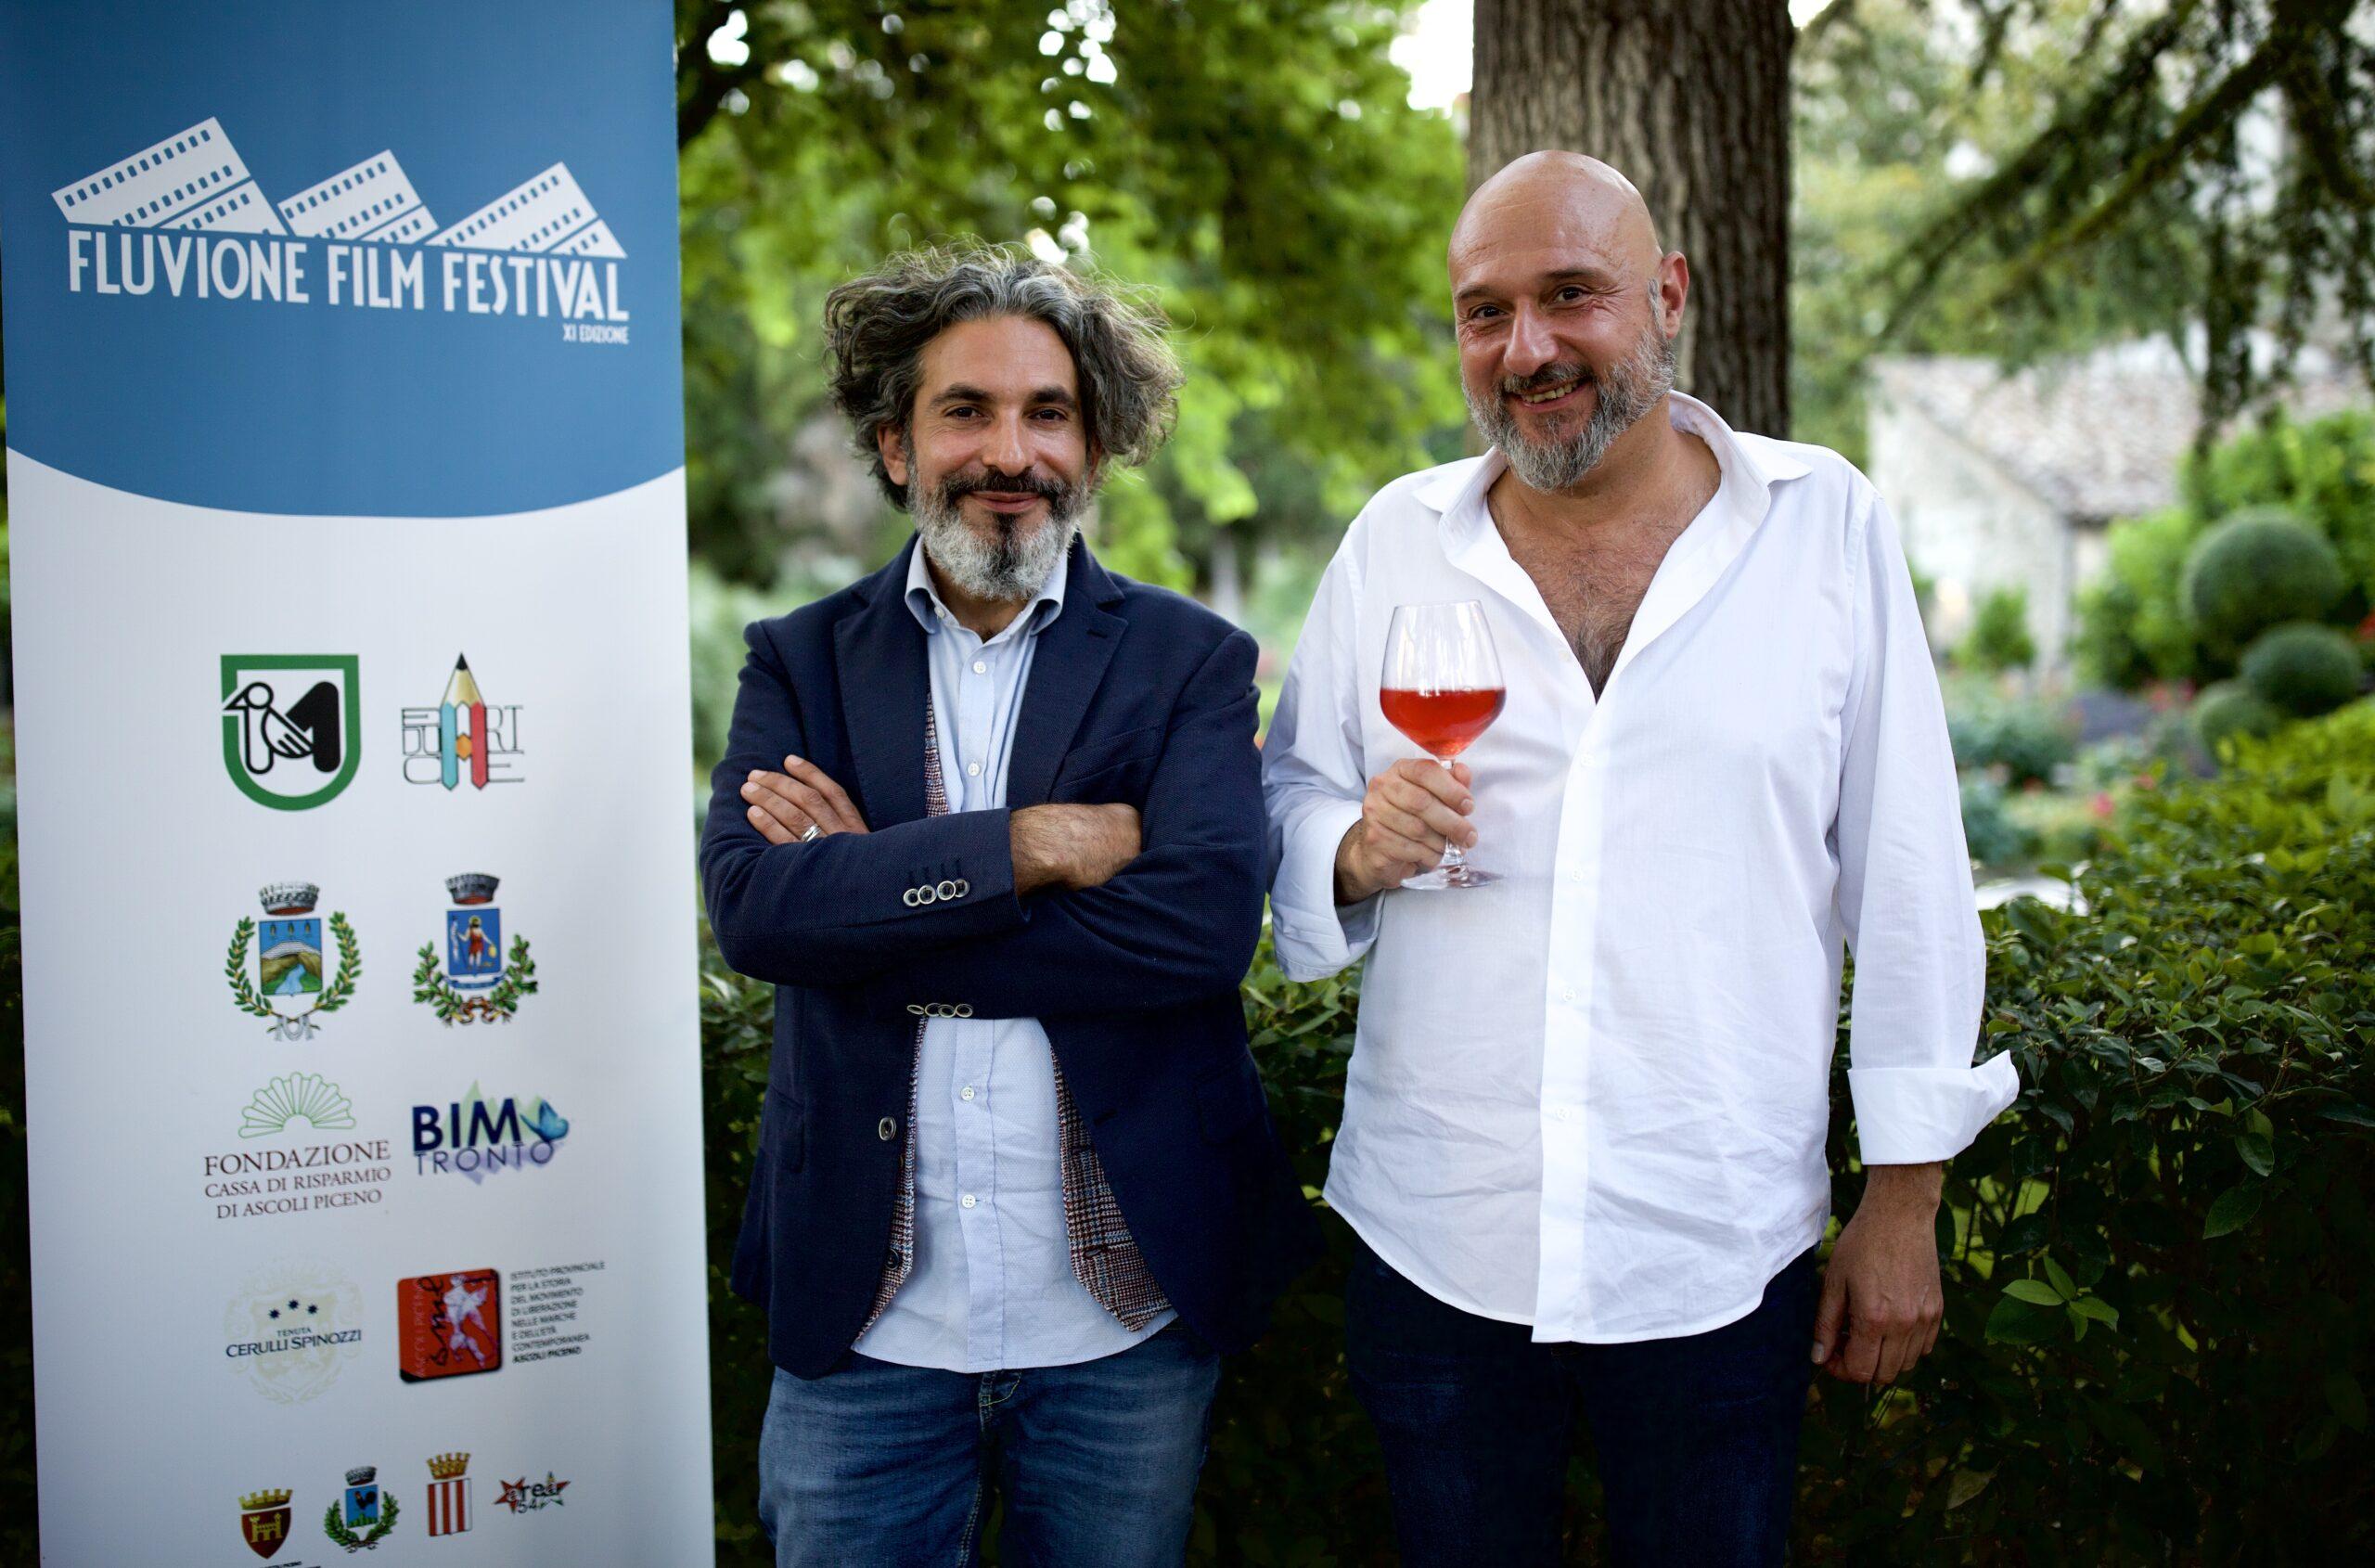 Conferenza Stampa Fluvione Film Festival 2021